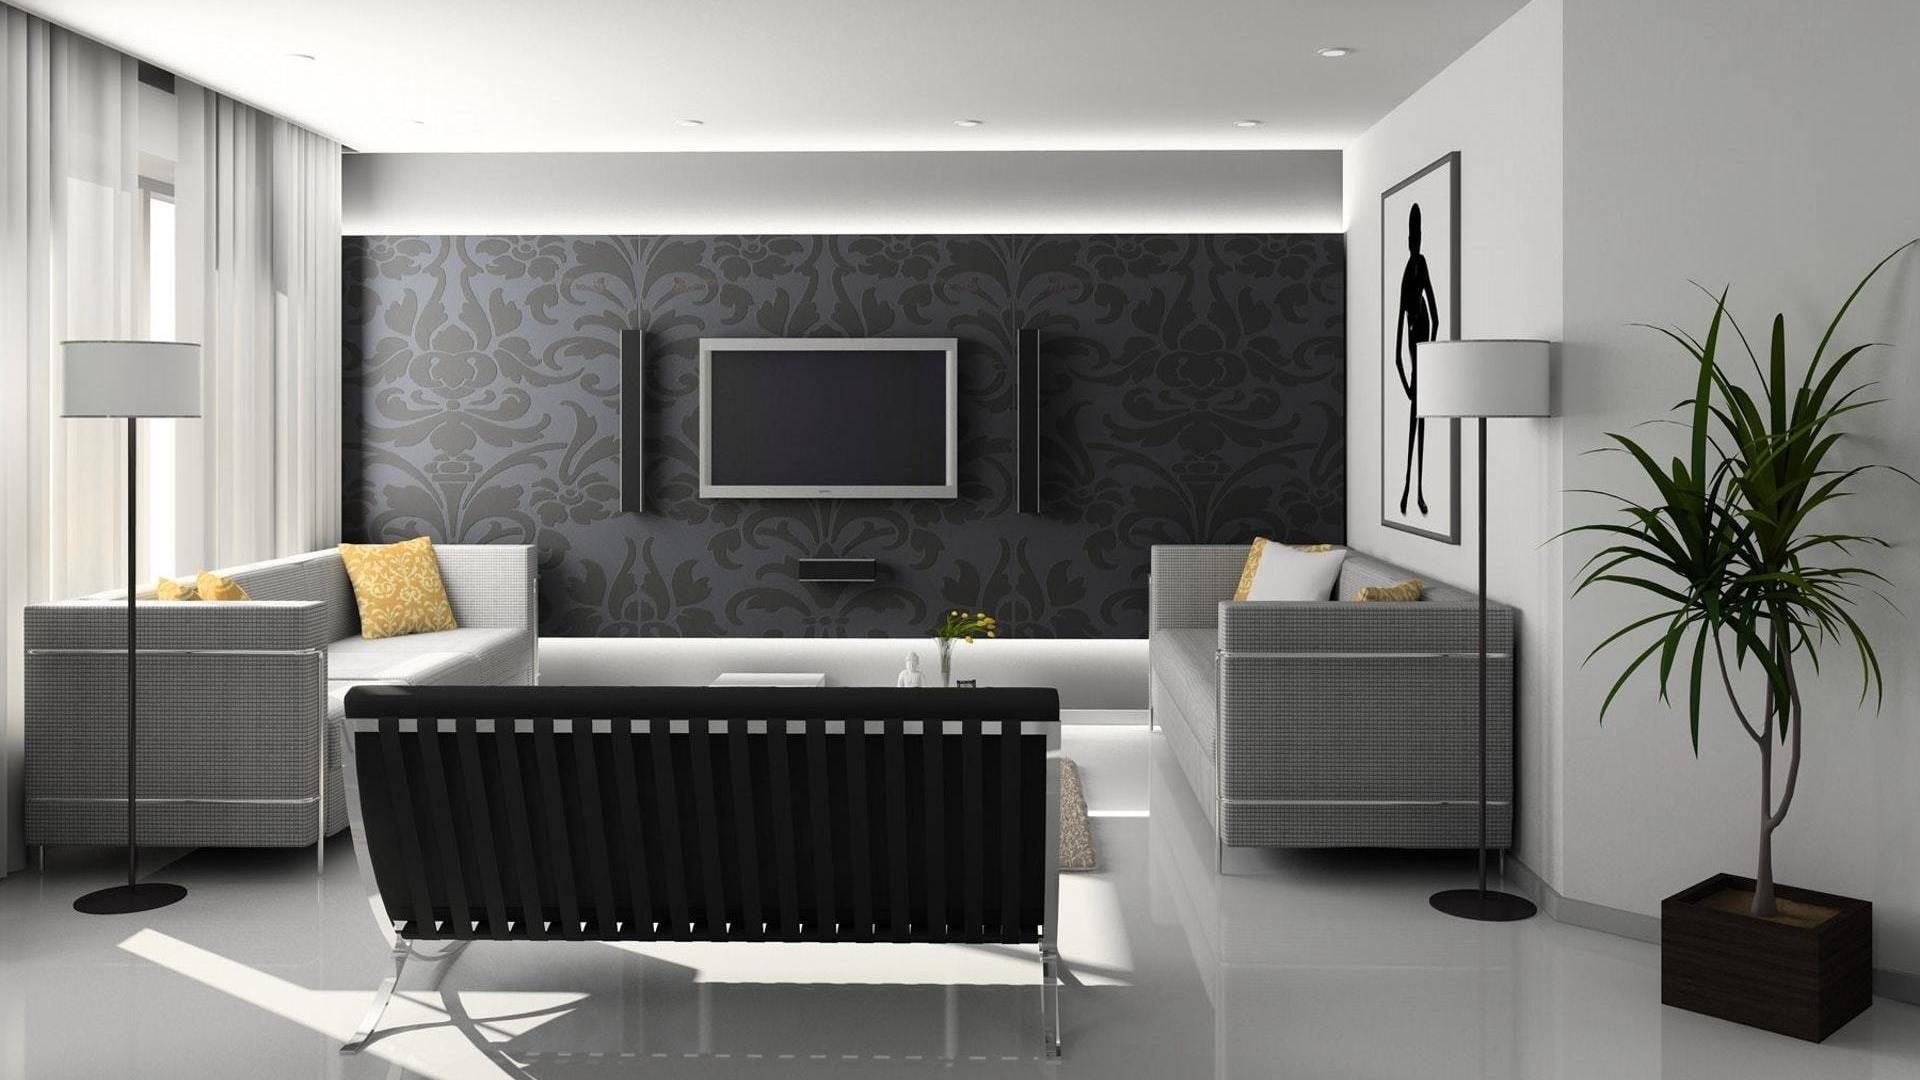 Pannelli Decorativi Per Camerette i migliori 26 installatori di pannelli decorativi a milano